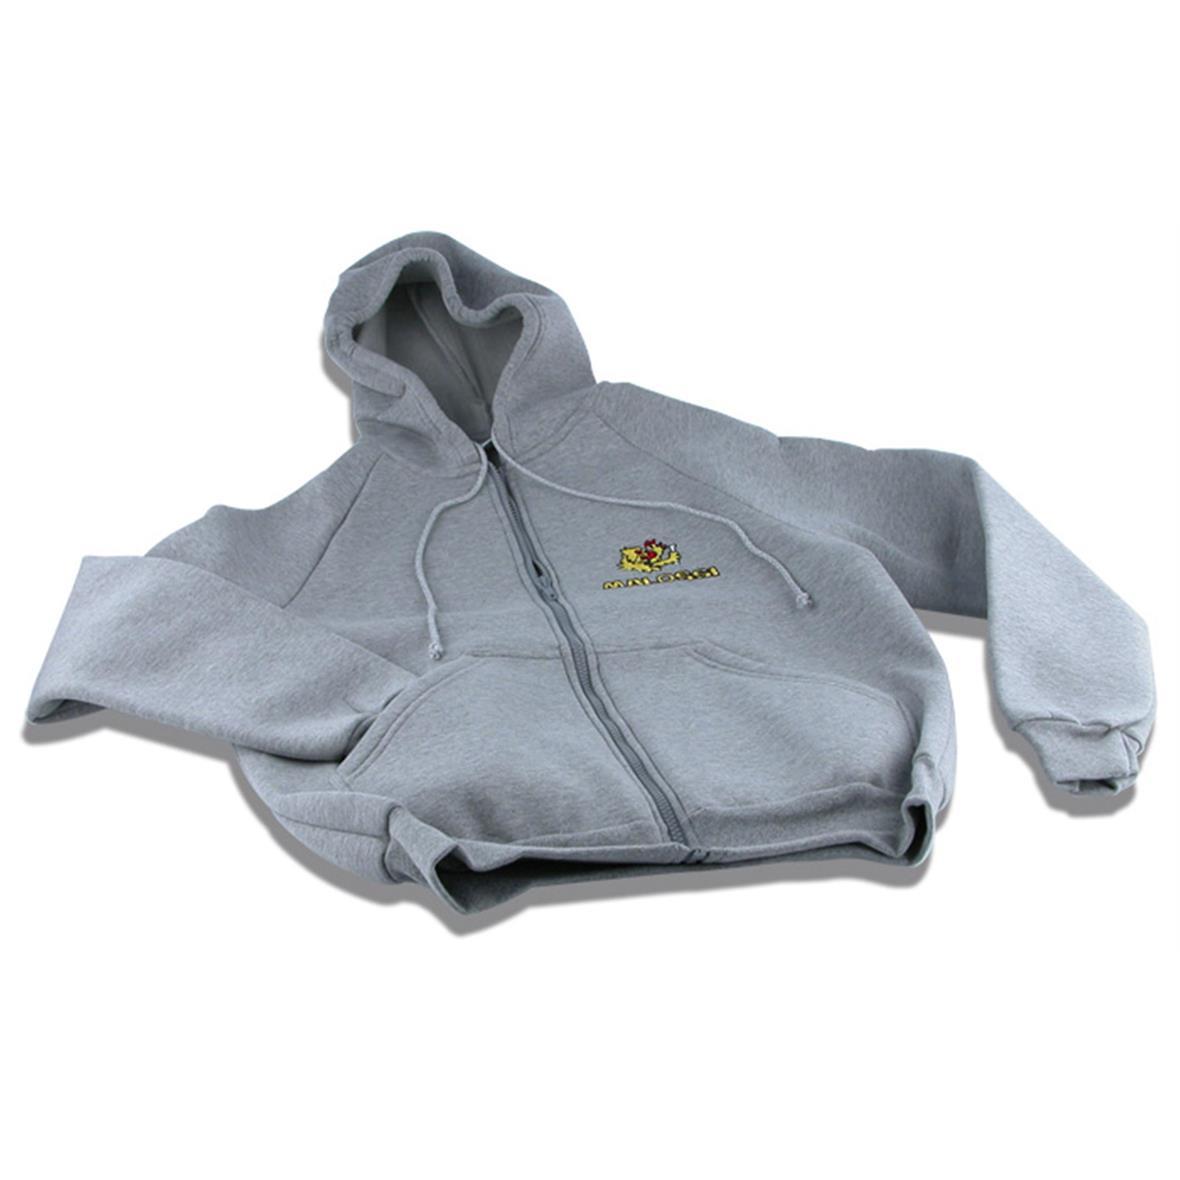 Product Image for 'Sweatshirt MALOSSI Neopren size XLTitle'